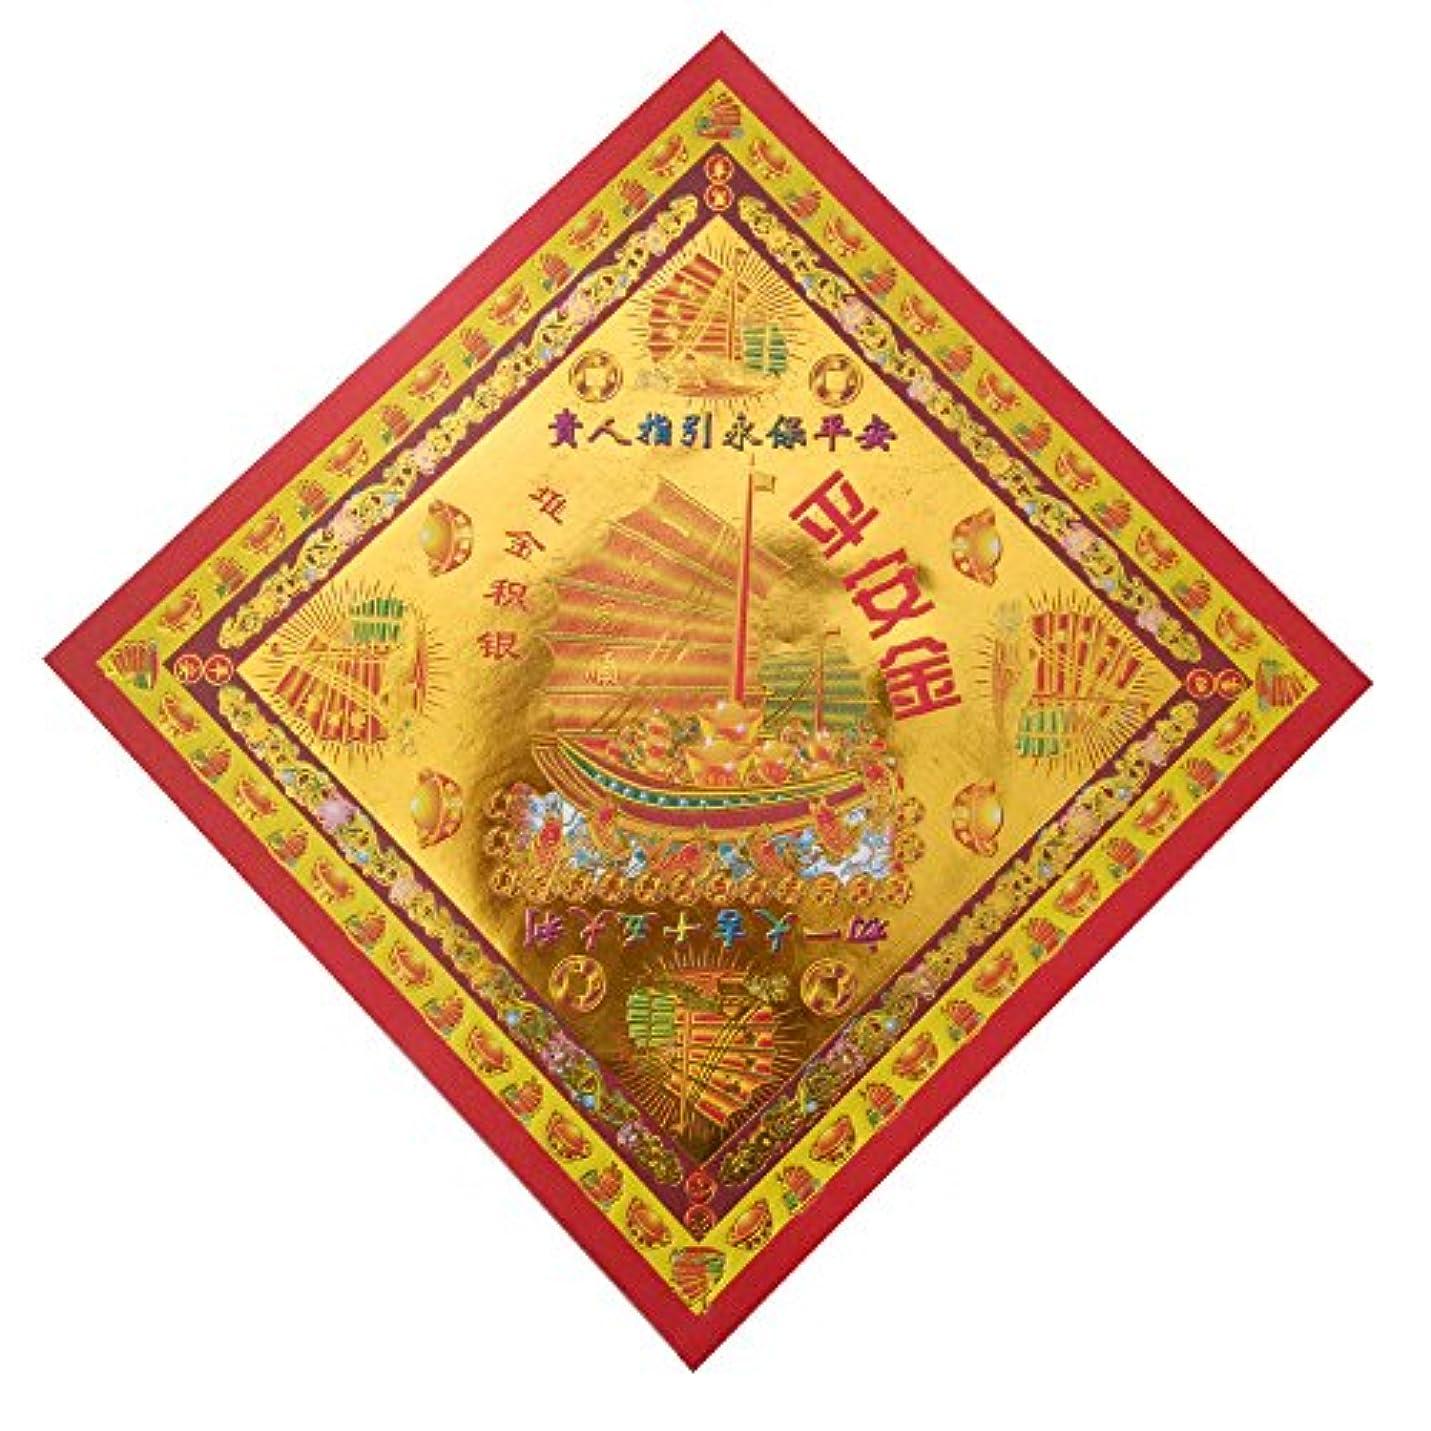 価値ハック詳細にzeestar祖先Incense用紙/Joss用紙ハイグレードカラフルwithゴールドの箔の祖先Praying 7.6インチx 7.6インチ、40個